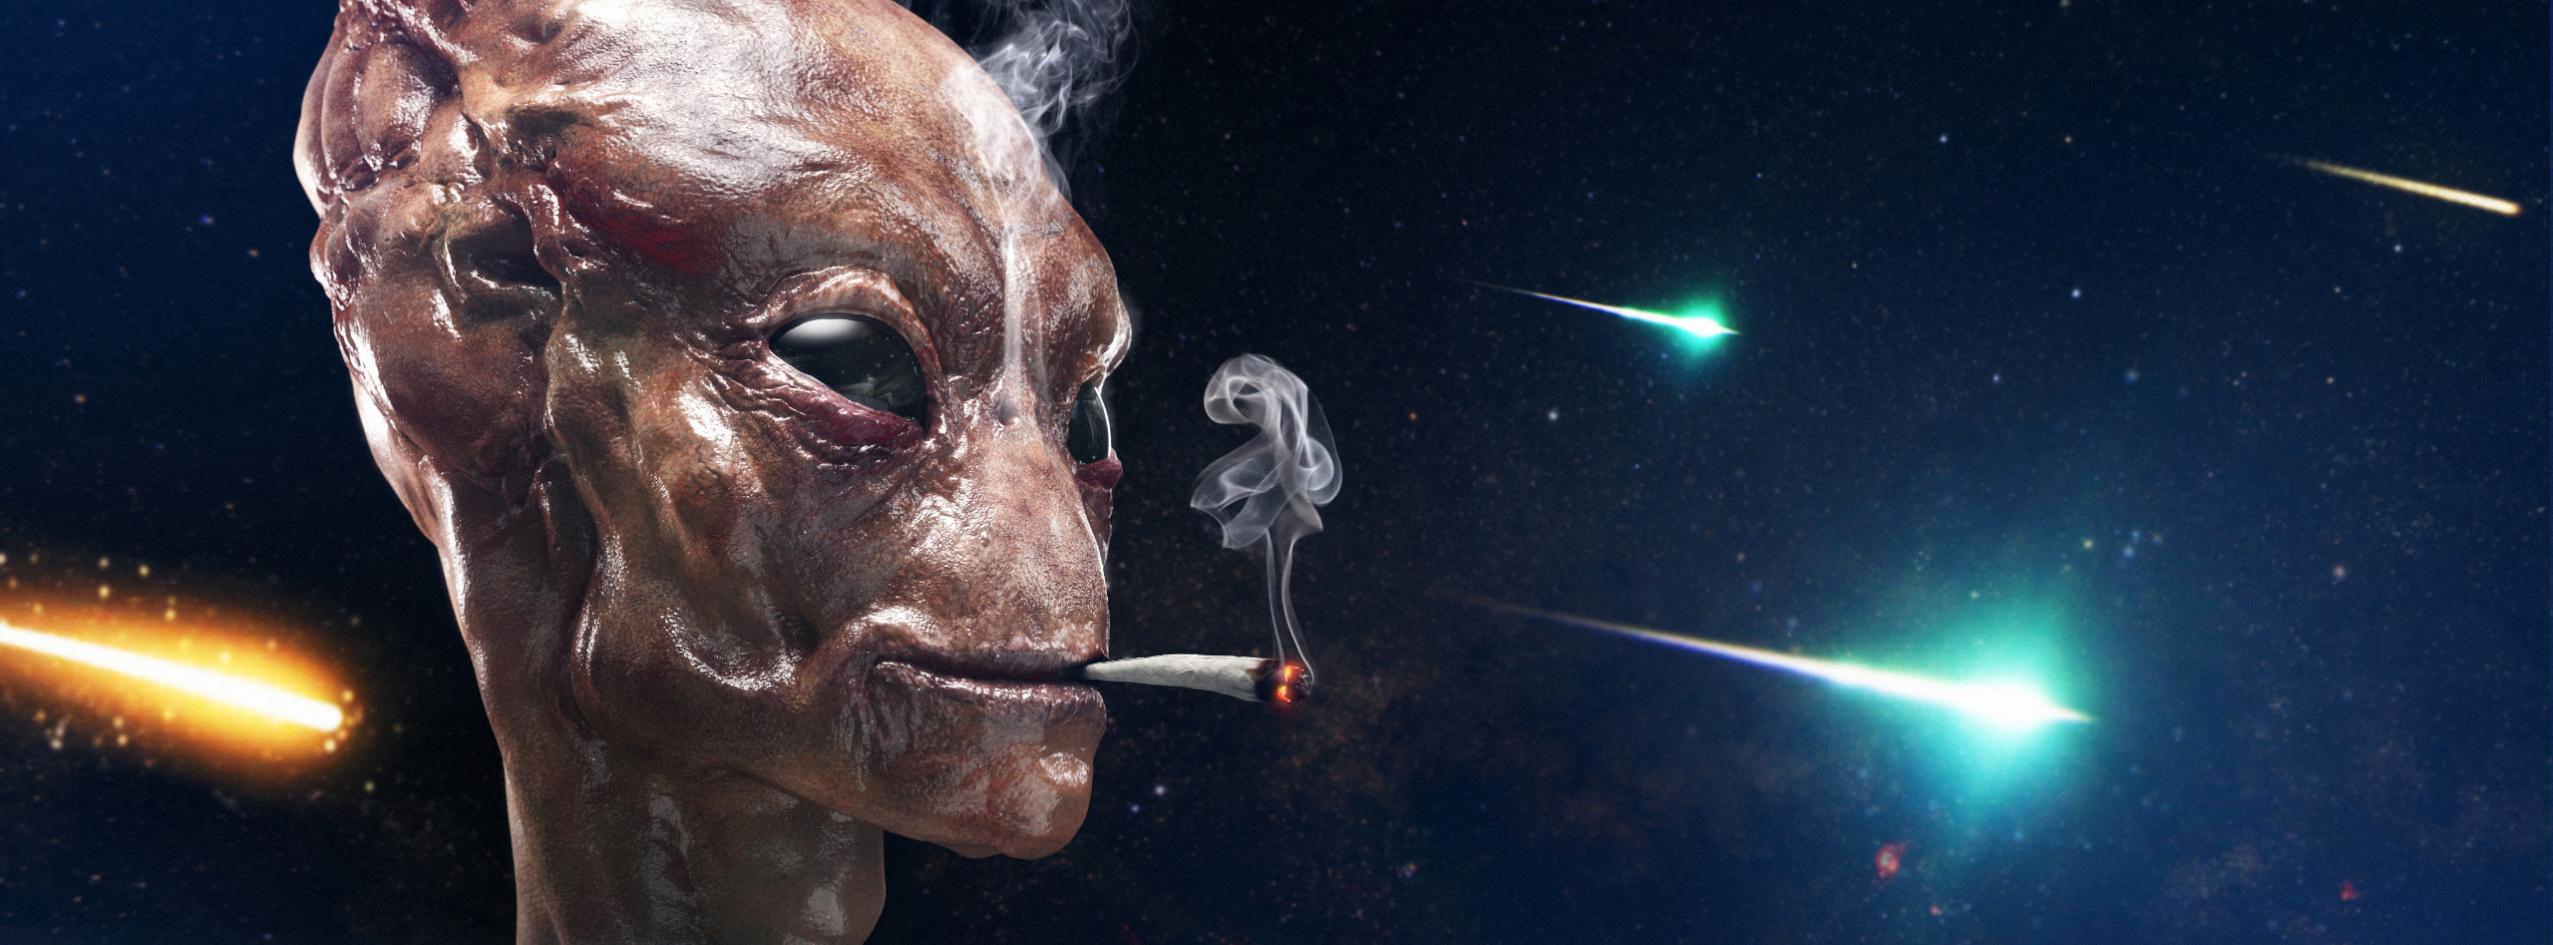 wallpapers de extraterrestres